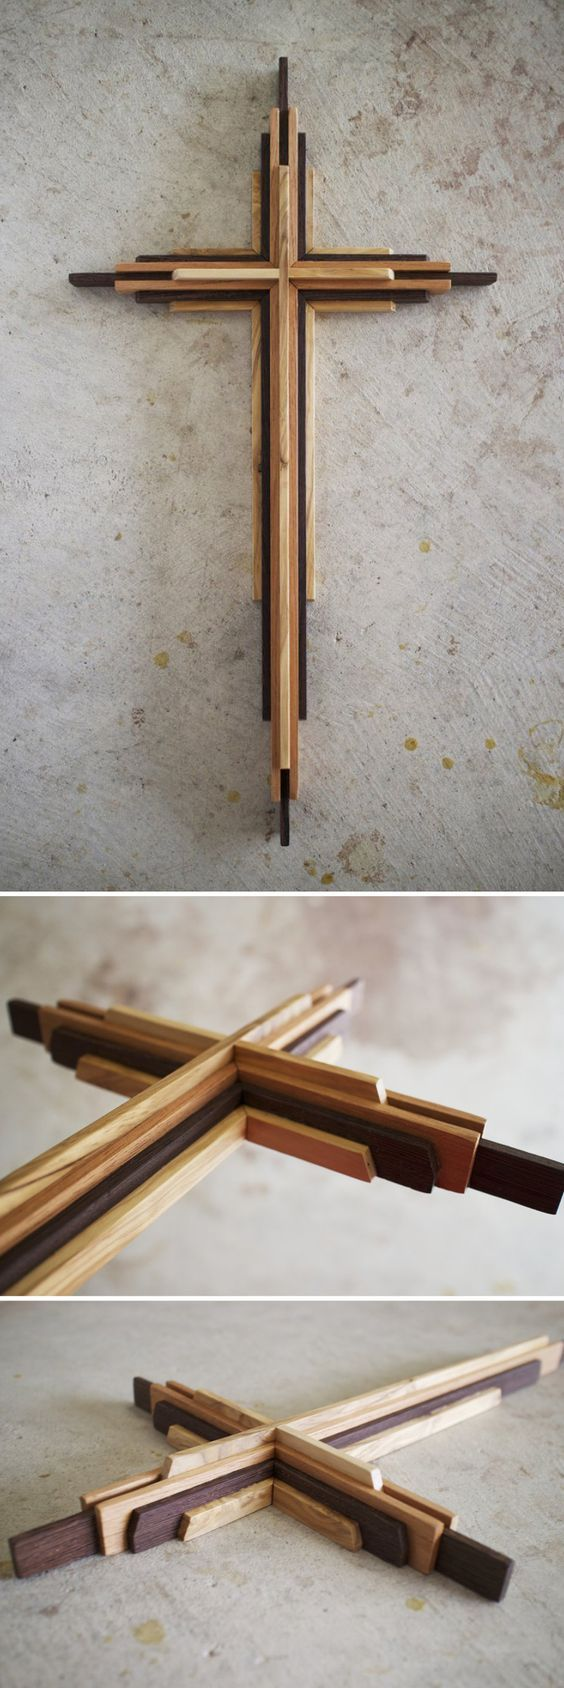 Diy 20 Inch Wooden Cross Plans In 2019 Crafty Cruces De Madera Adornos De Madera Arte En